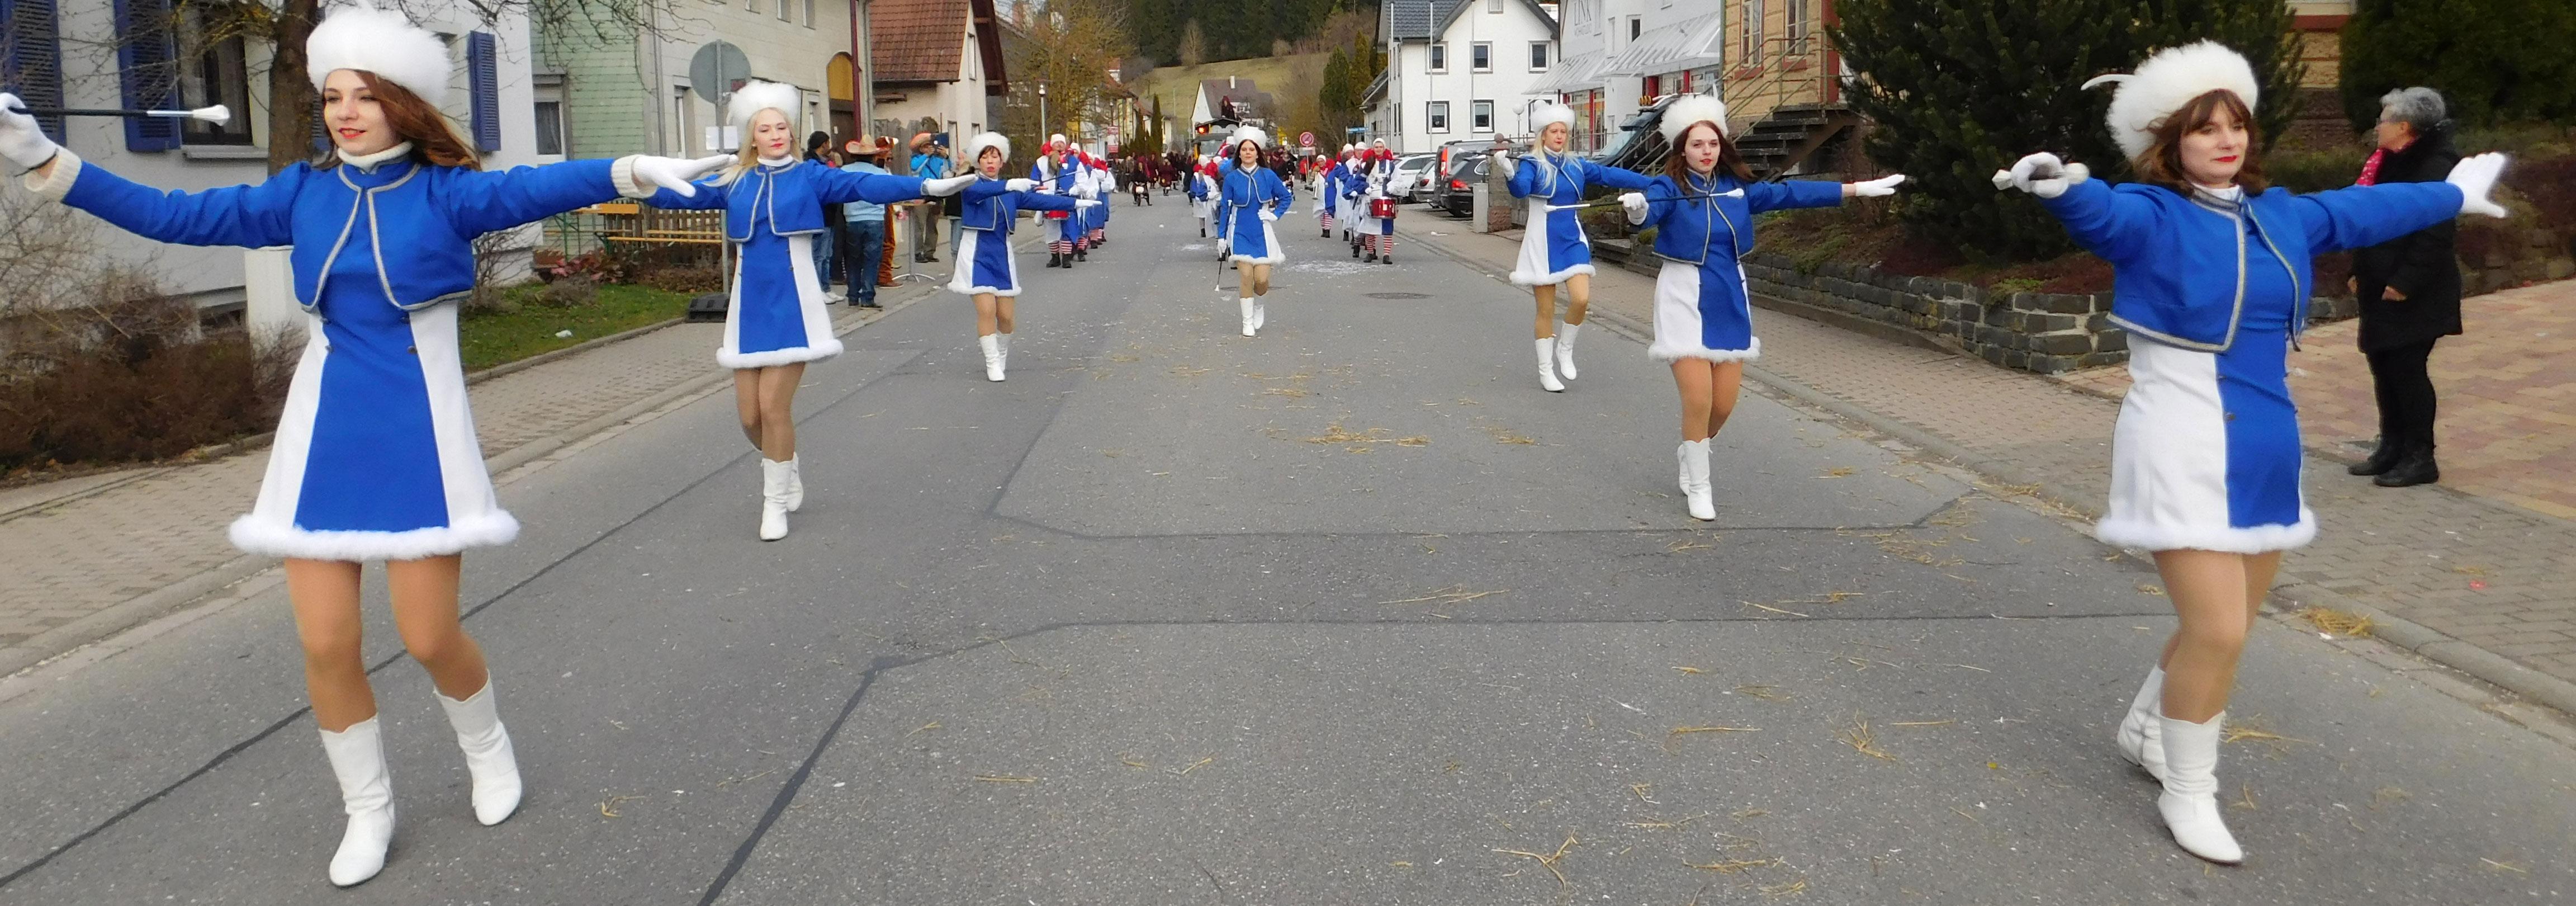 Schnappschuss von den Majoretten während dem Umzug in Niedereschach 2018